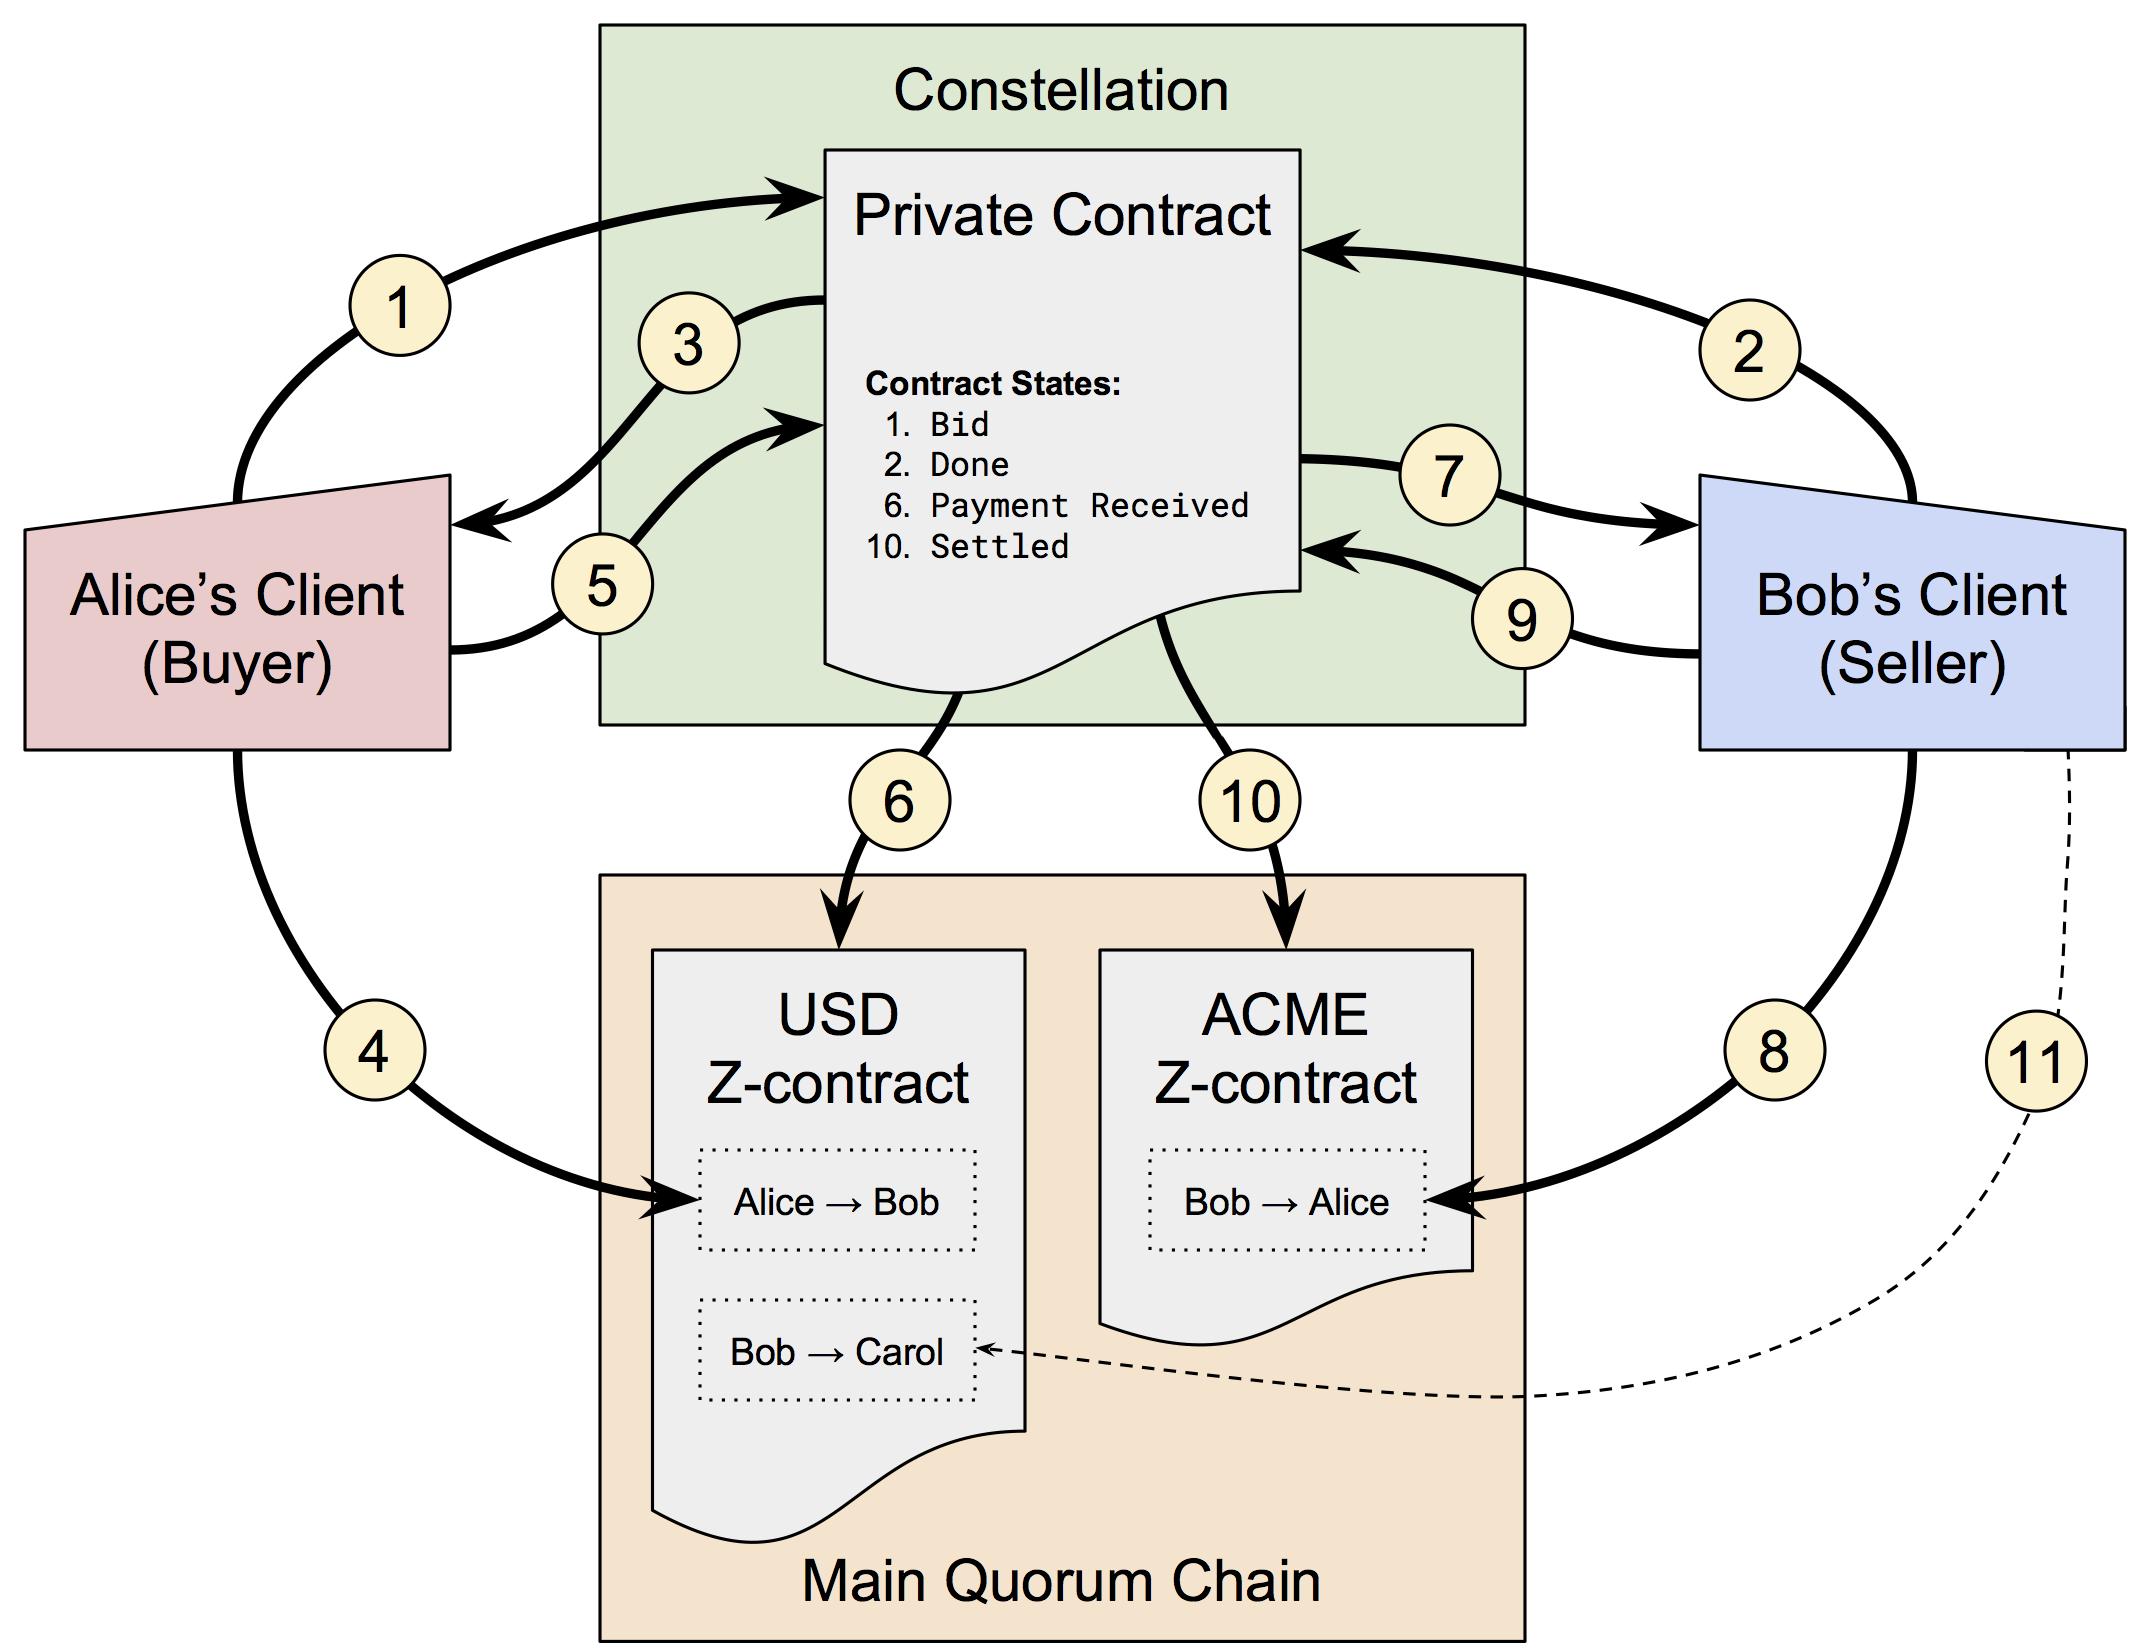 Quorum Equity Trade Use Case diagram